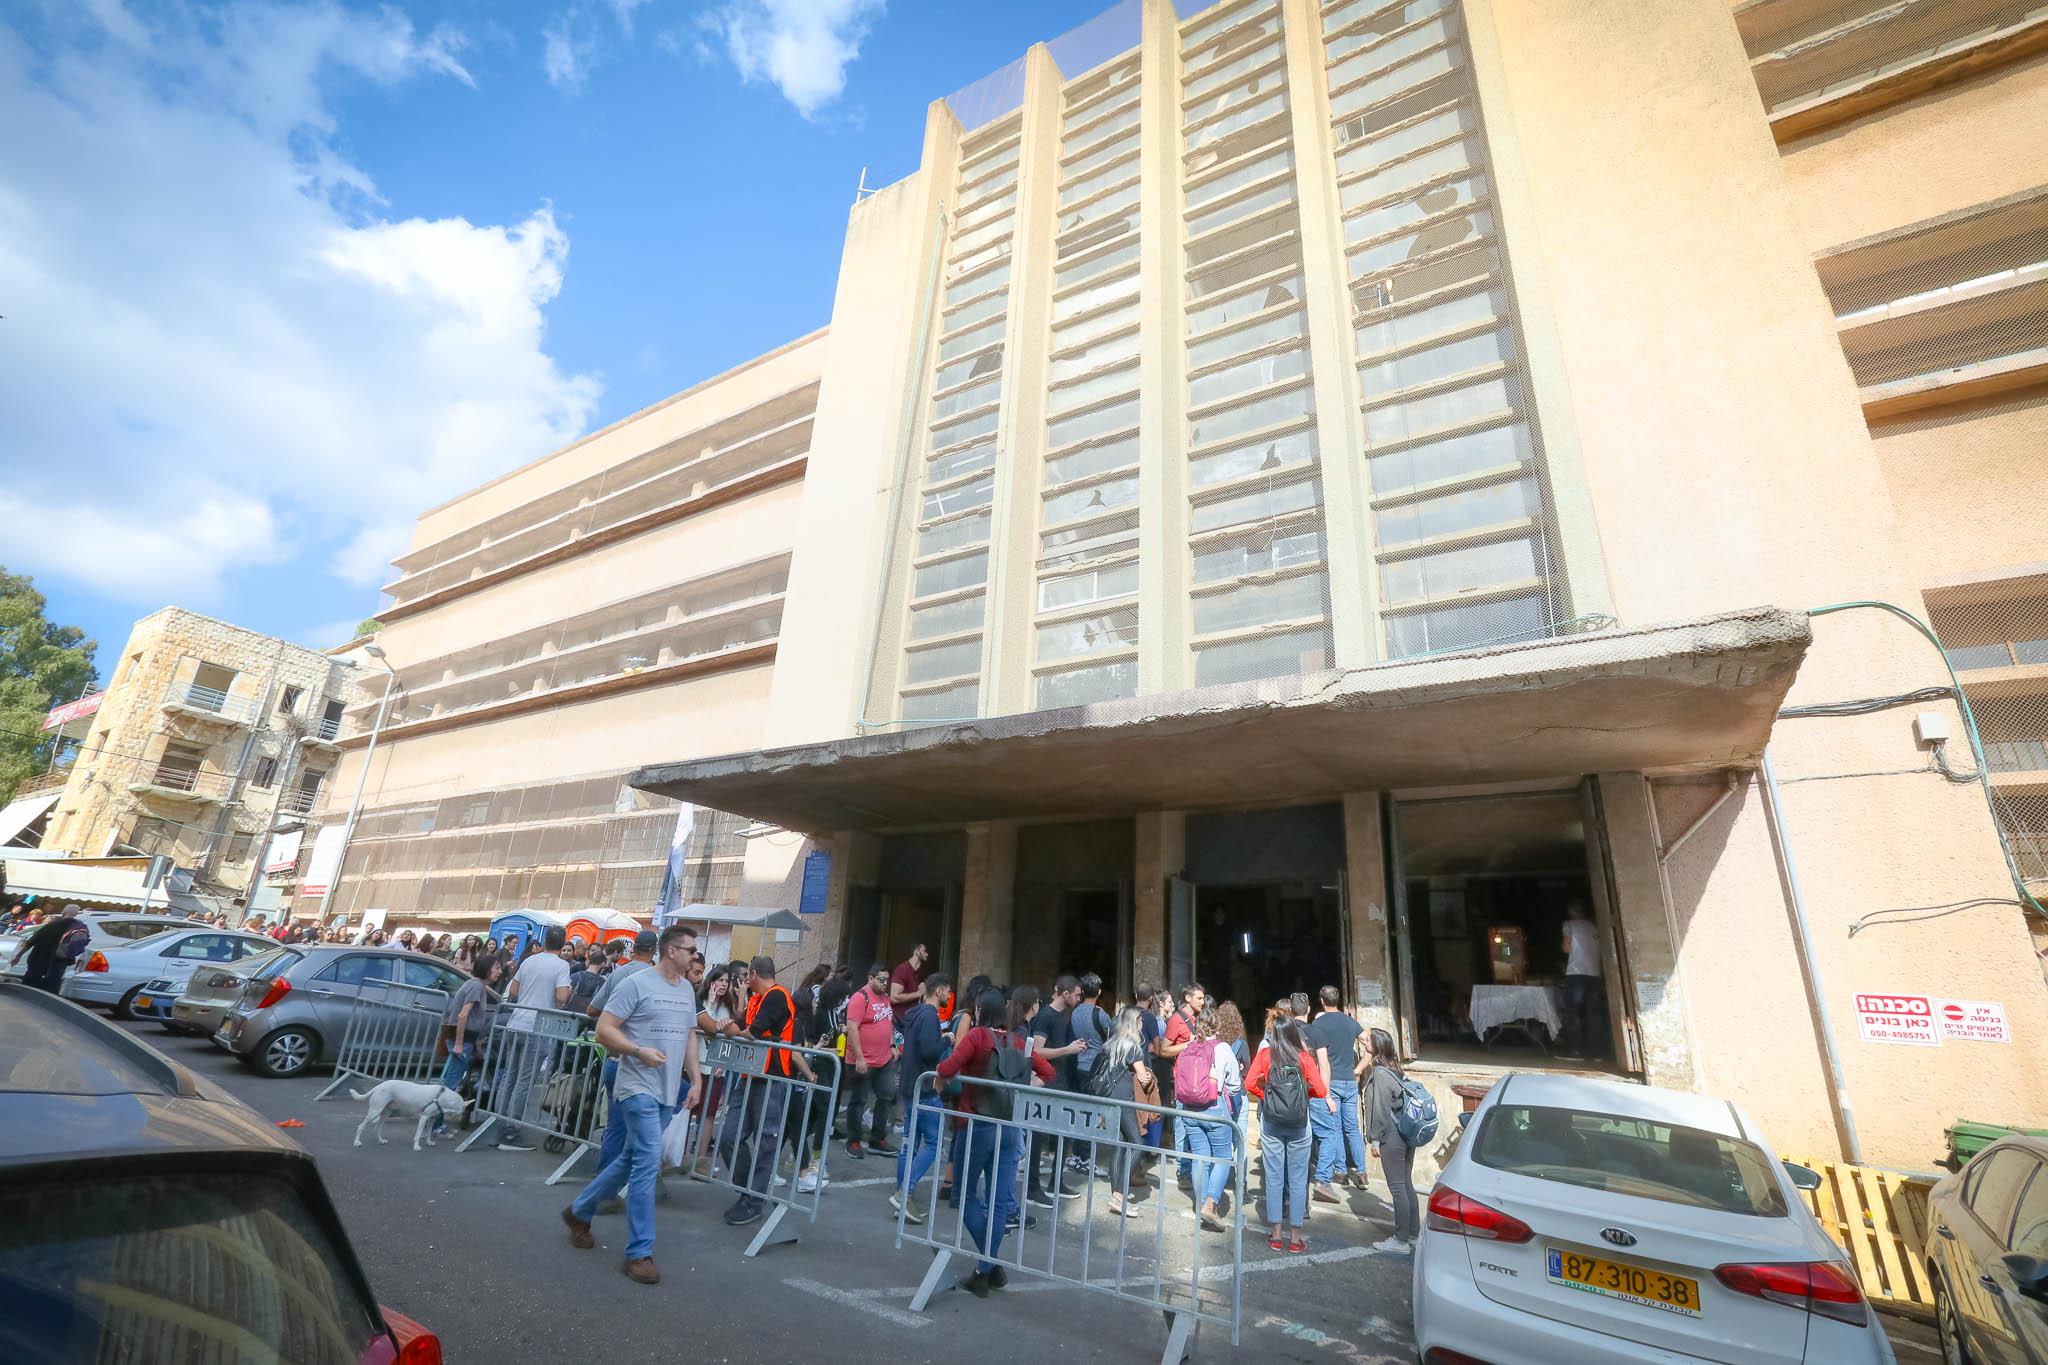 כשצוללים למים עמוקים: גליה בר אור במאמר על הפעולות בחיפה